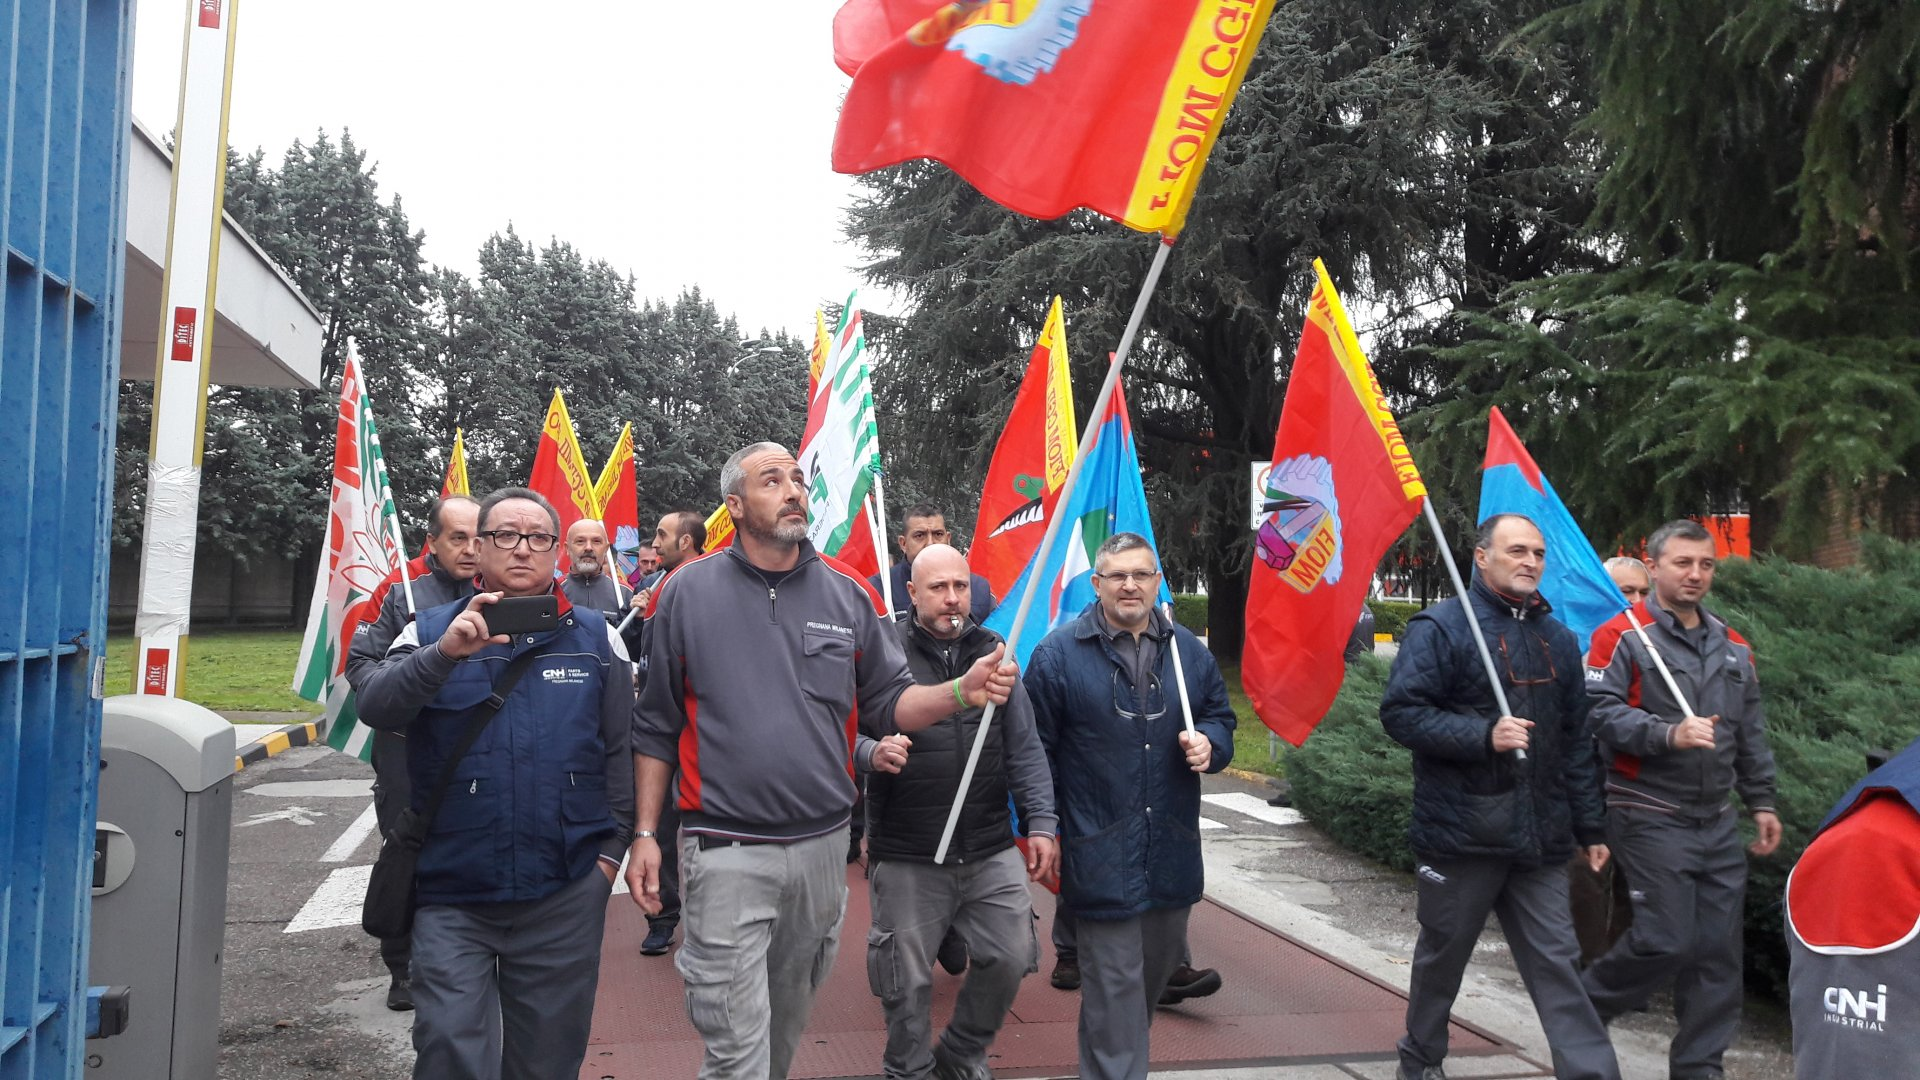 Cnh Inudstrial di Pregnana Milanese in sciopero per due ore FOTO - Settegiorni - Settegiorni